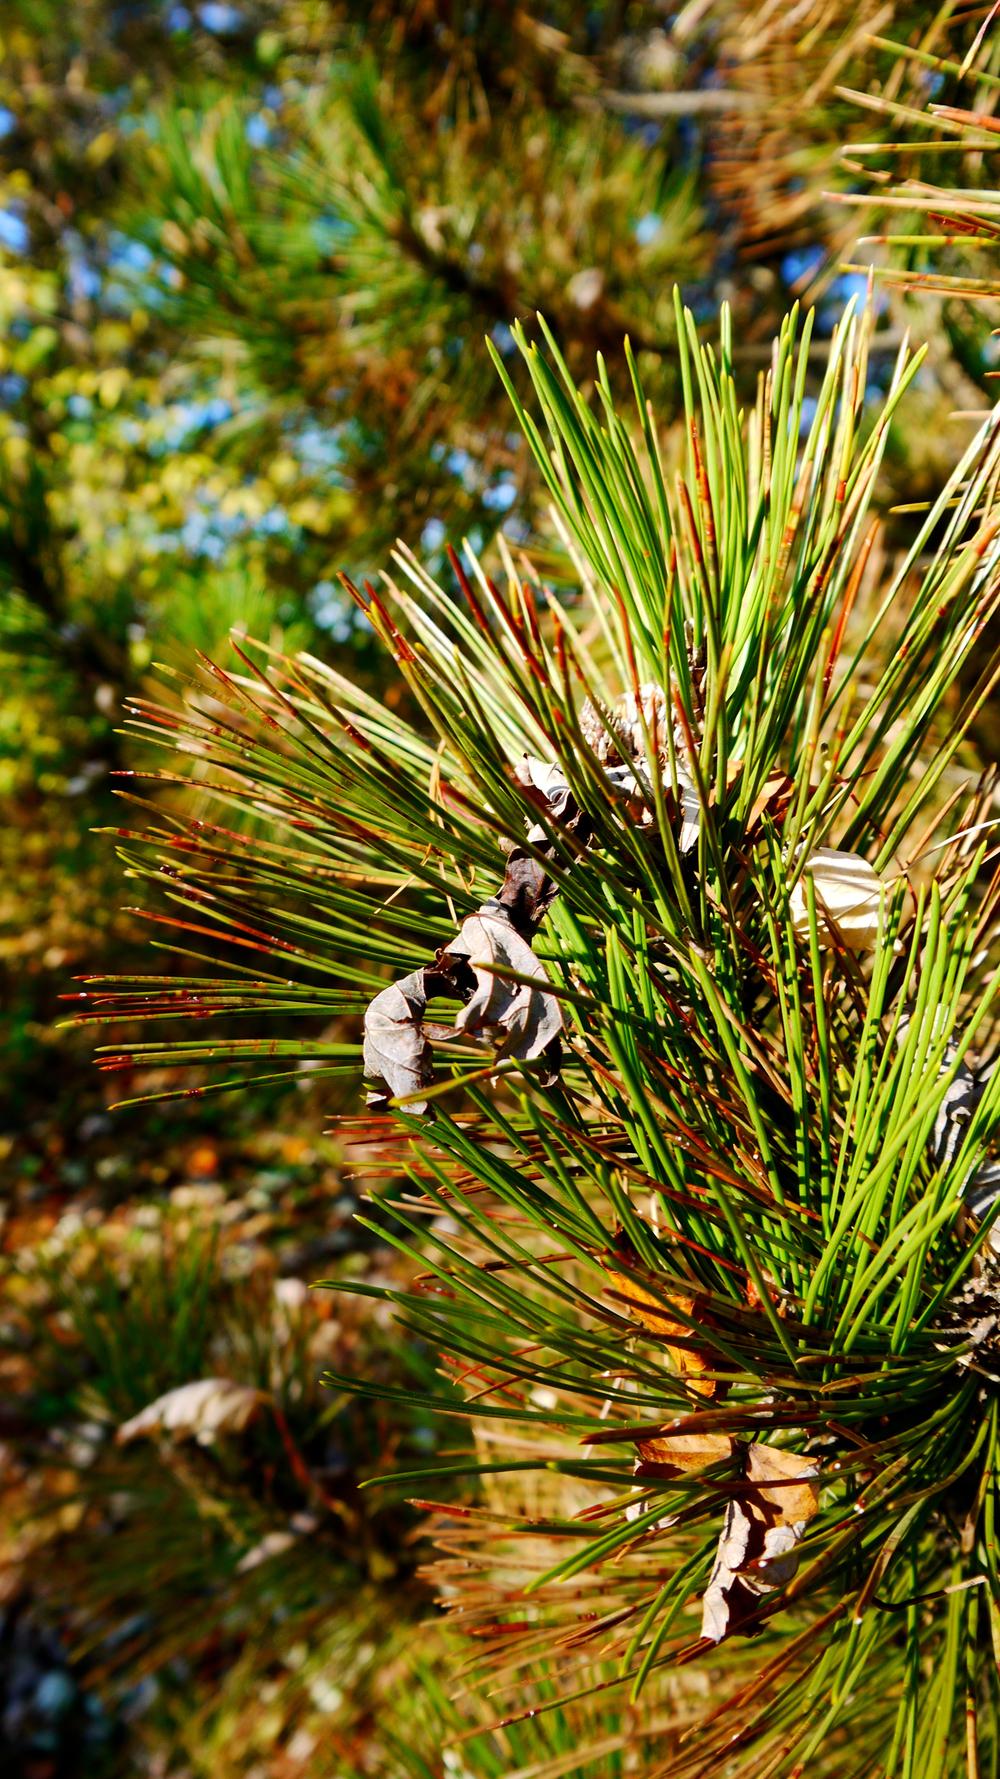 p1000401-pine-tree.jpg